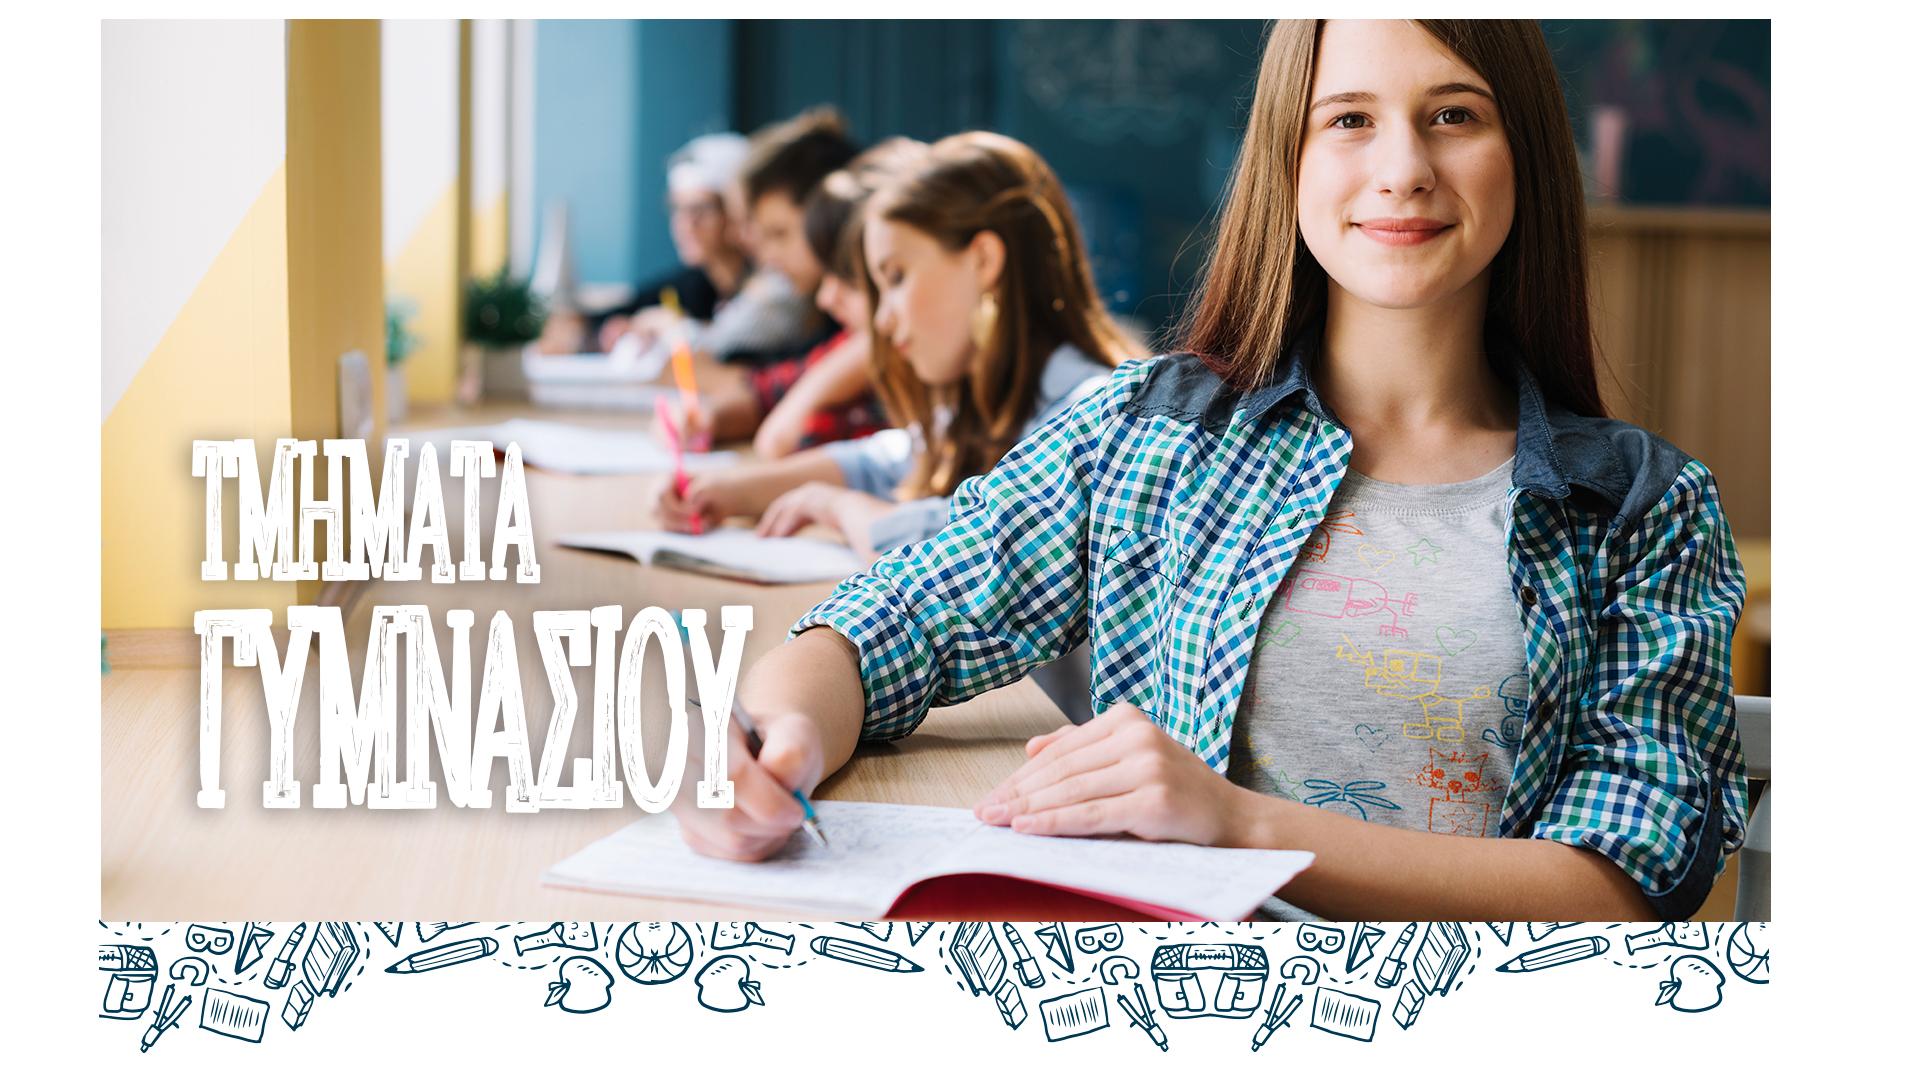 Τμήματα Γυμνασίου - Παραδείση